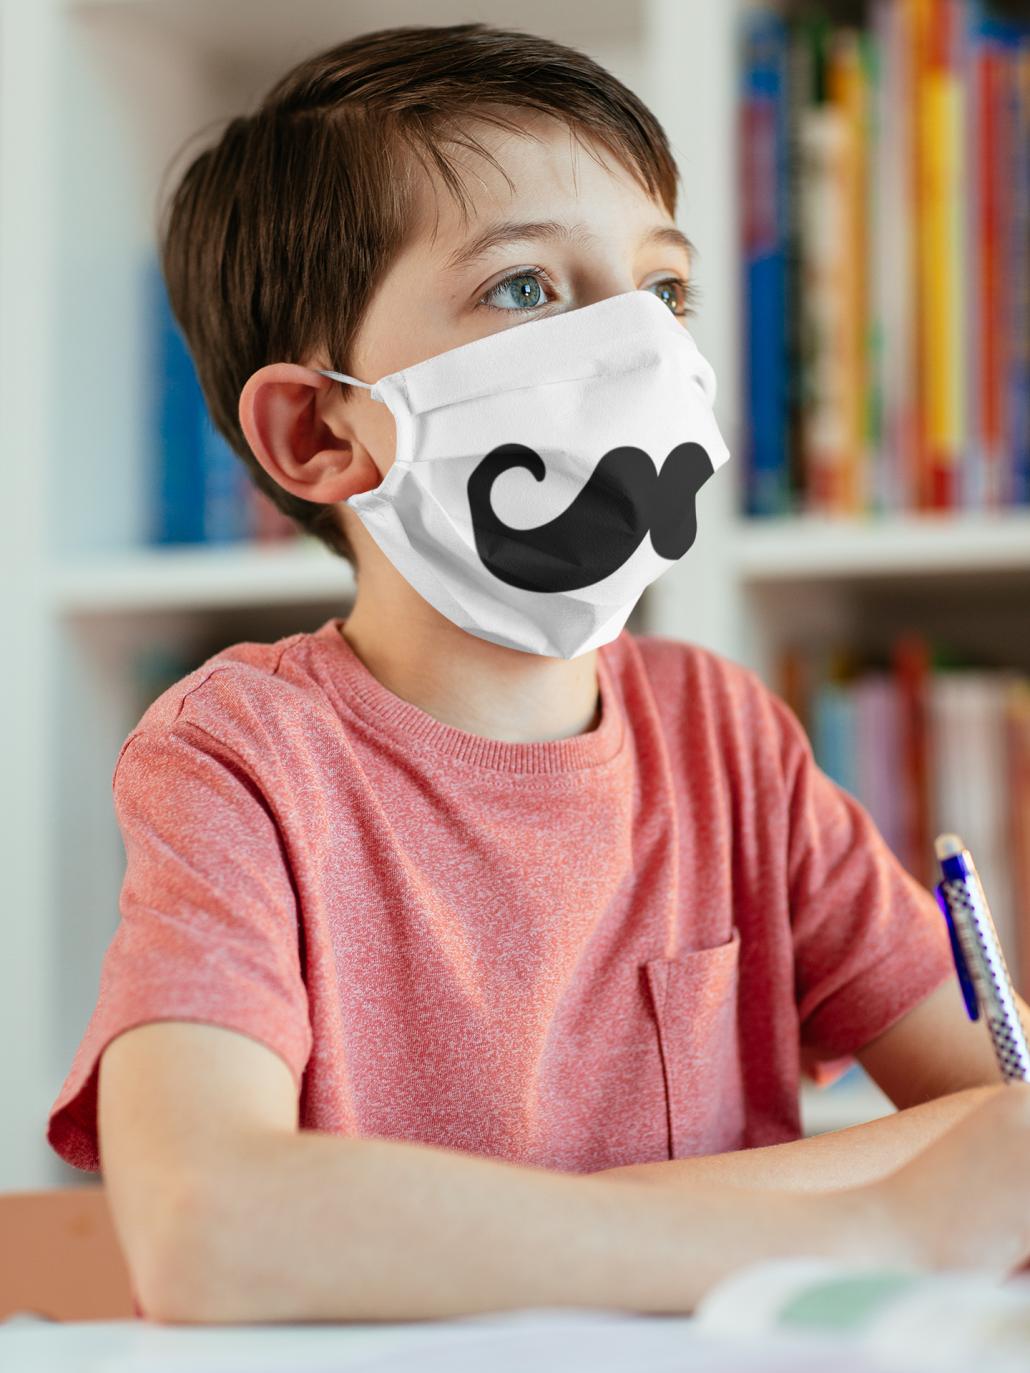 Schulkind mit selbstgestalteter Gesichtsmaske